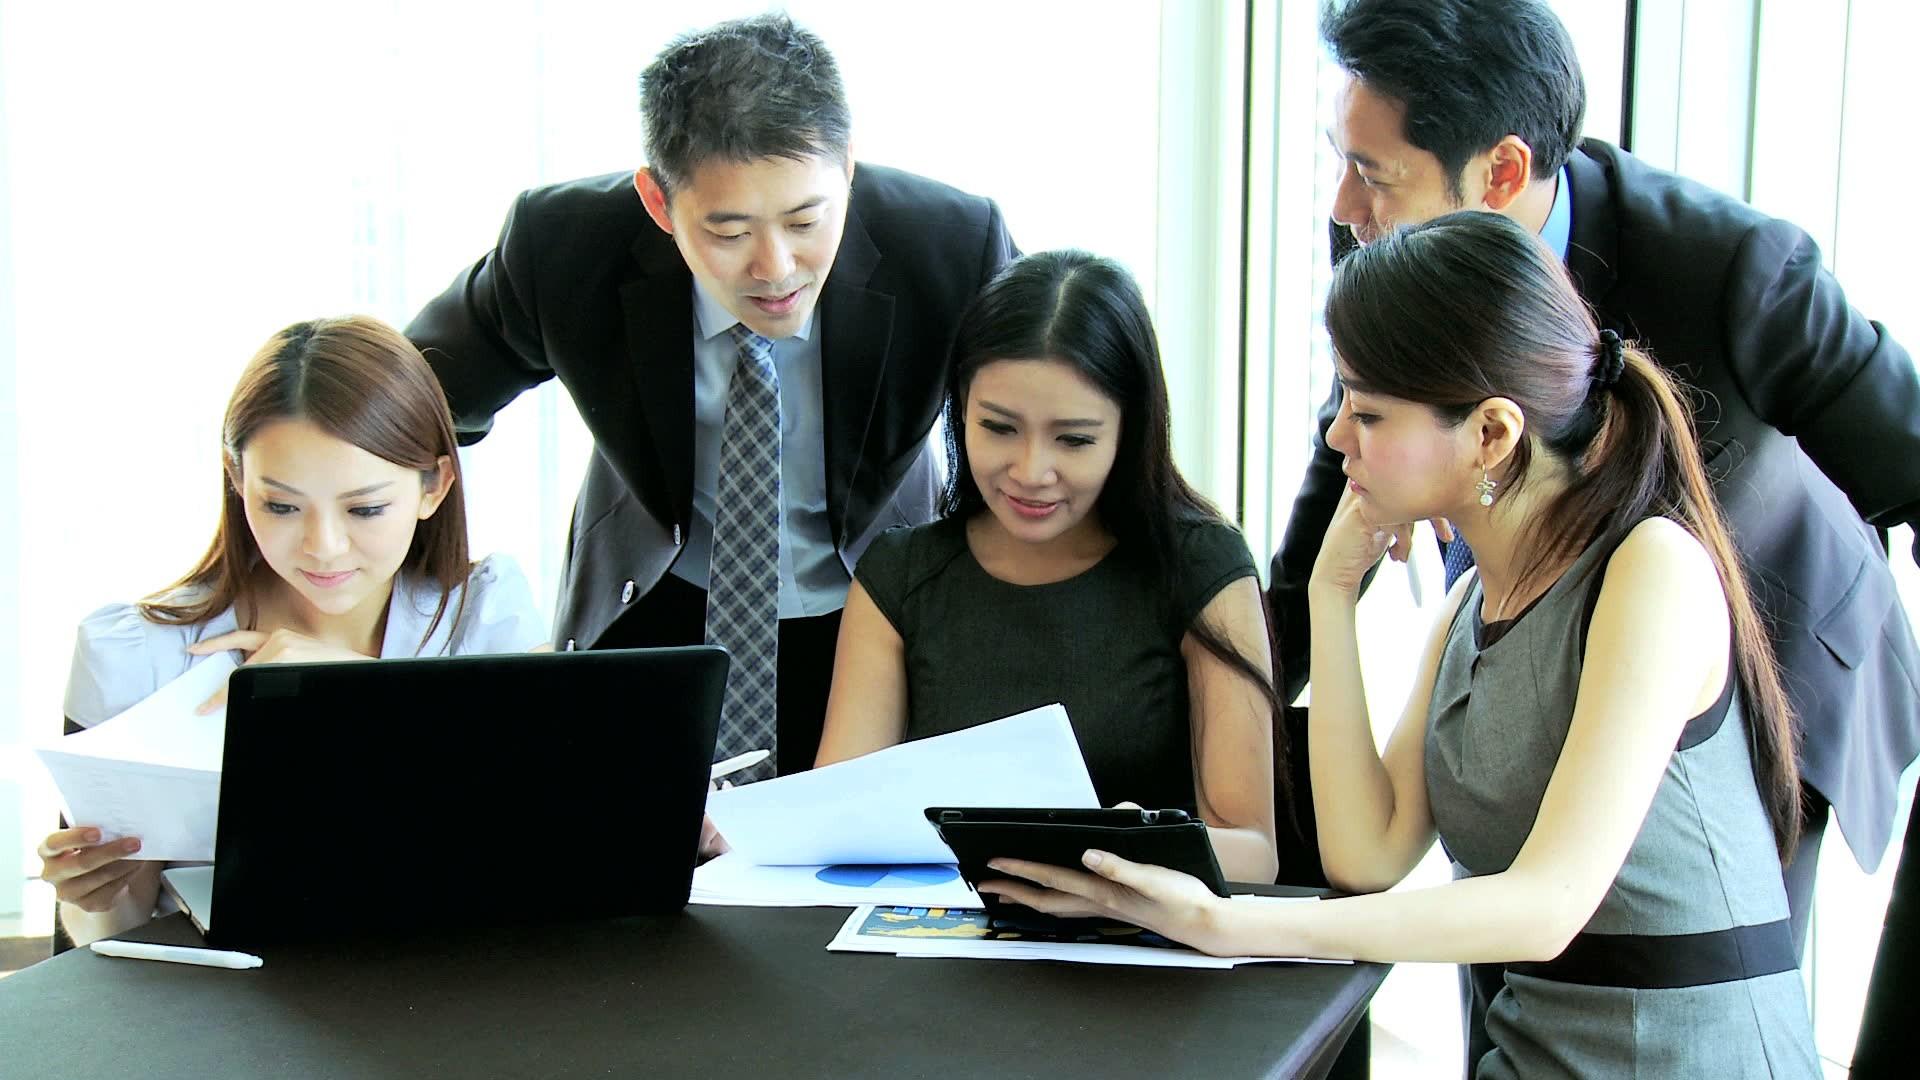 کار و تحصیل در چین